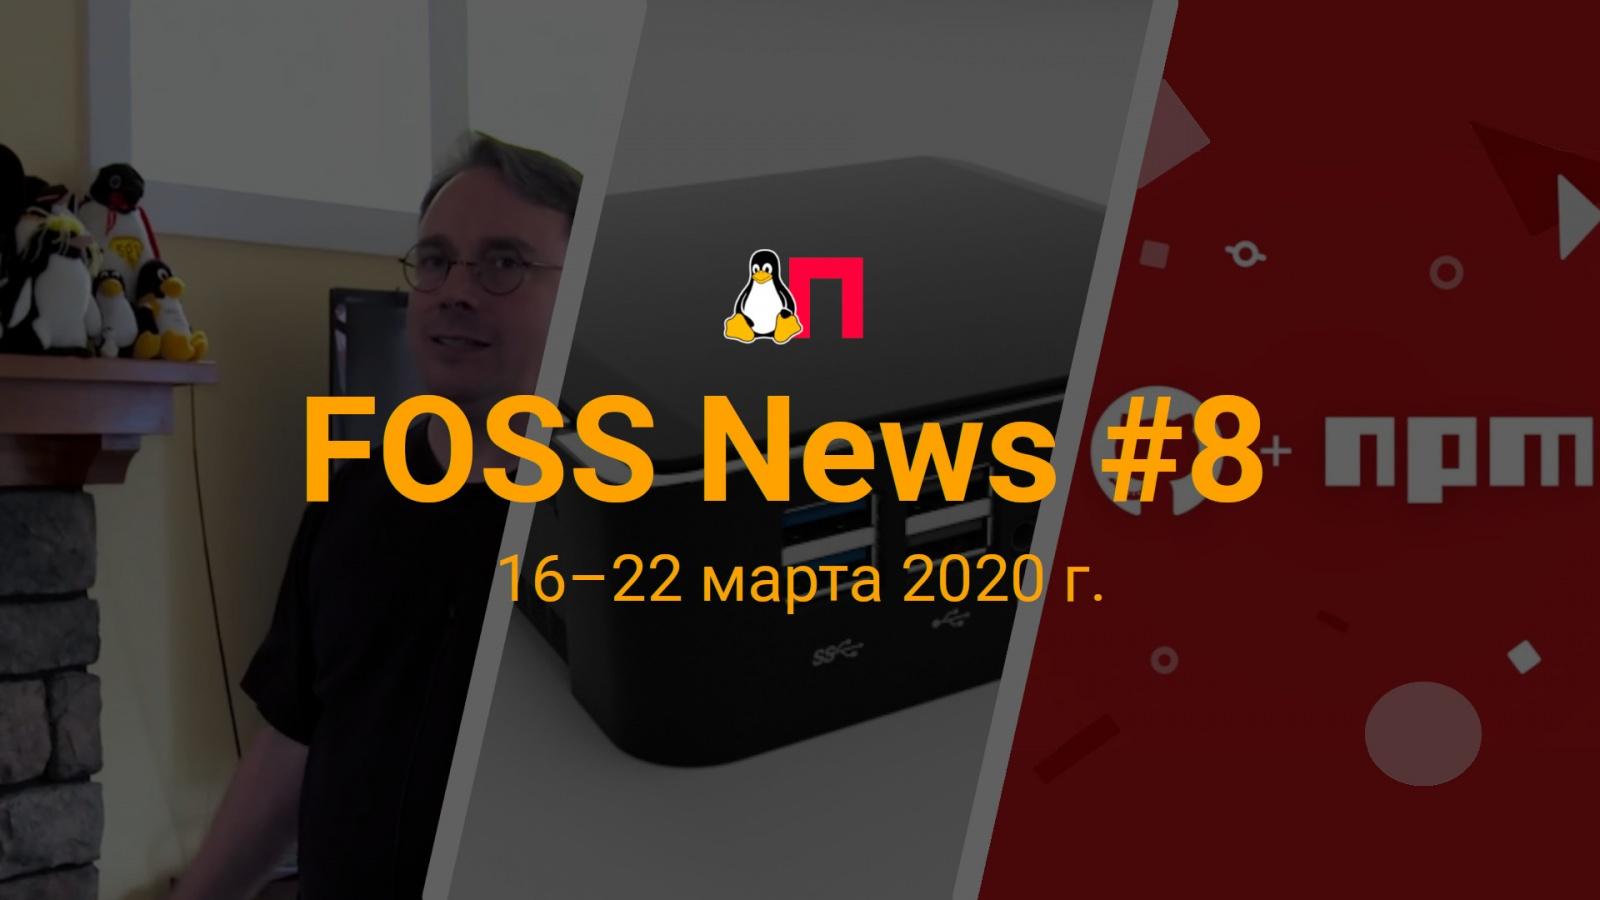 FOSS News №8 — обзор новостей свободного и открытого ПО за 16-22 марта 2020 года - 1